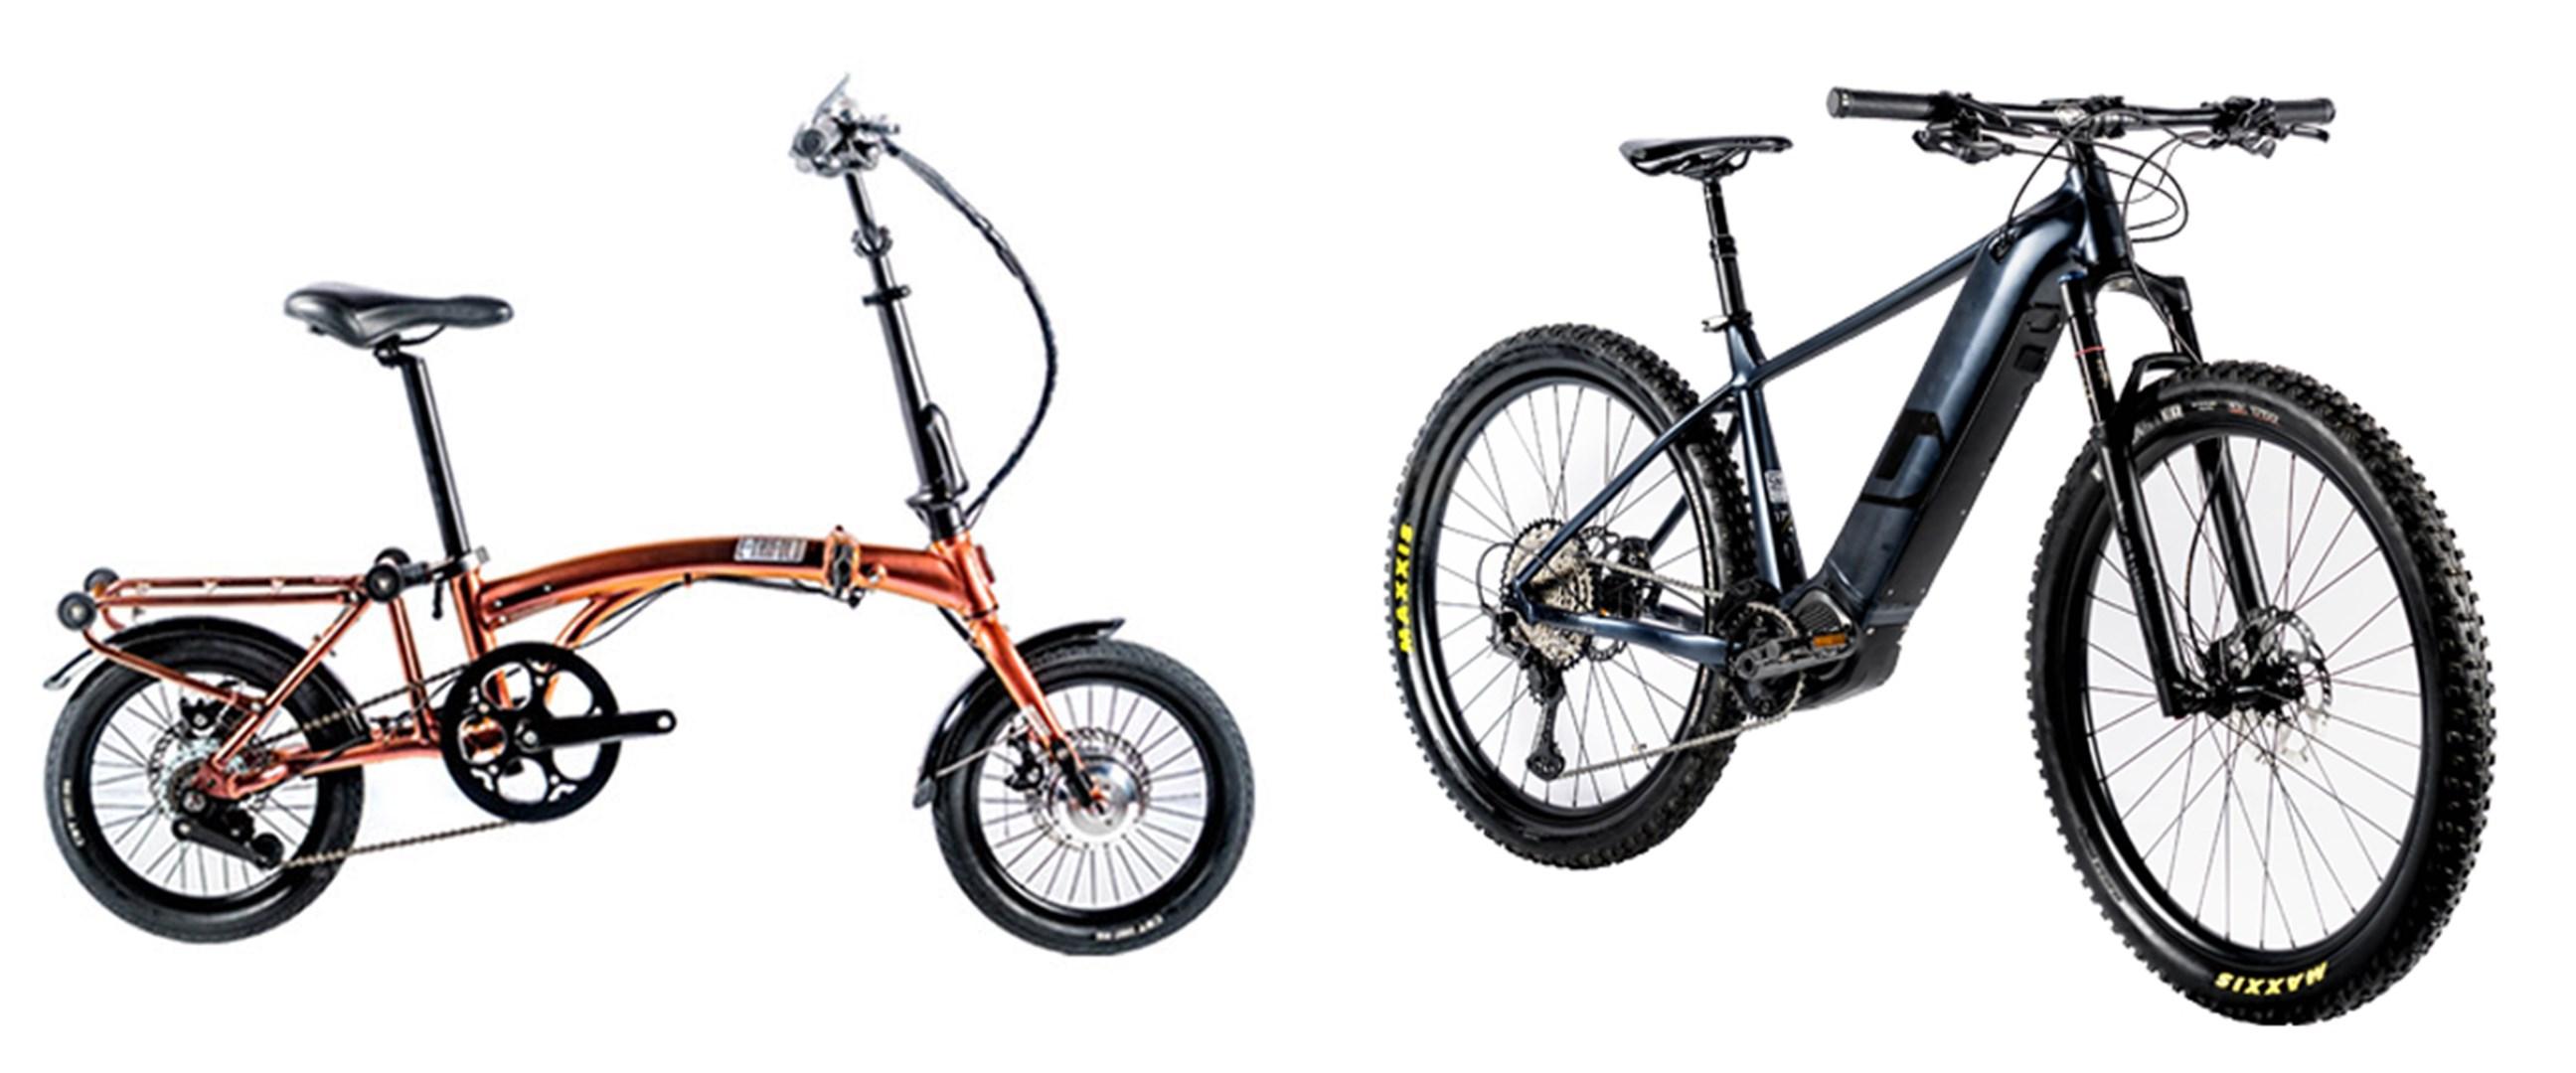 Harga sepeda United E-Series dan spesifikasinya, modern dan canggih